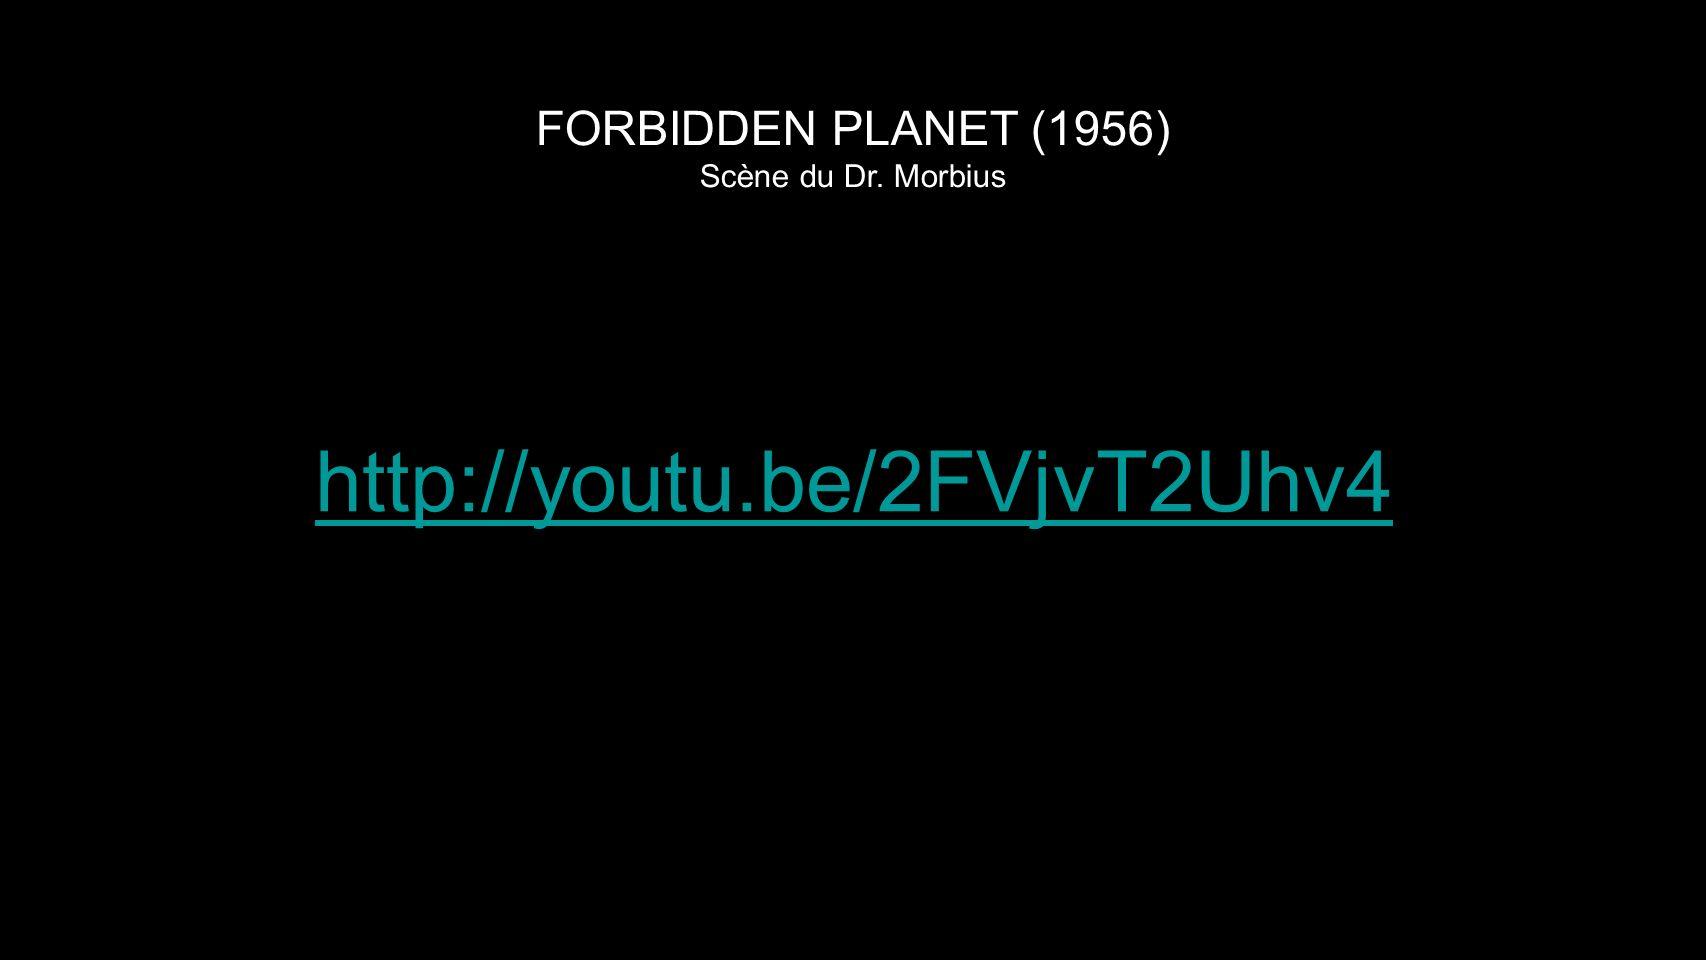 FORBIDDEN PLANET (1956) Scène du Dr. Morbius